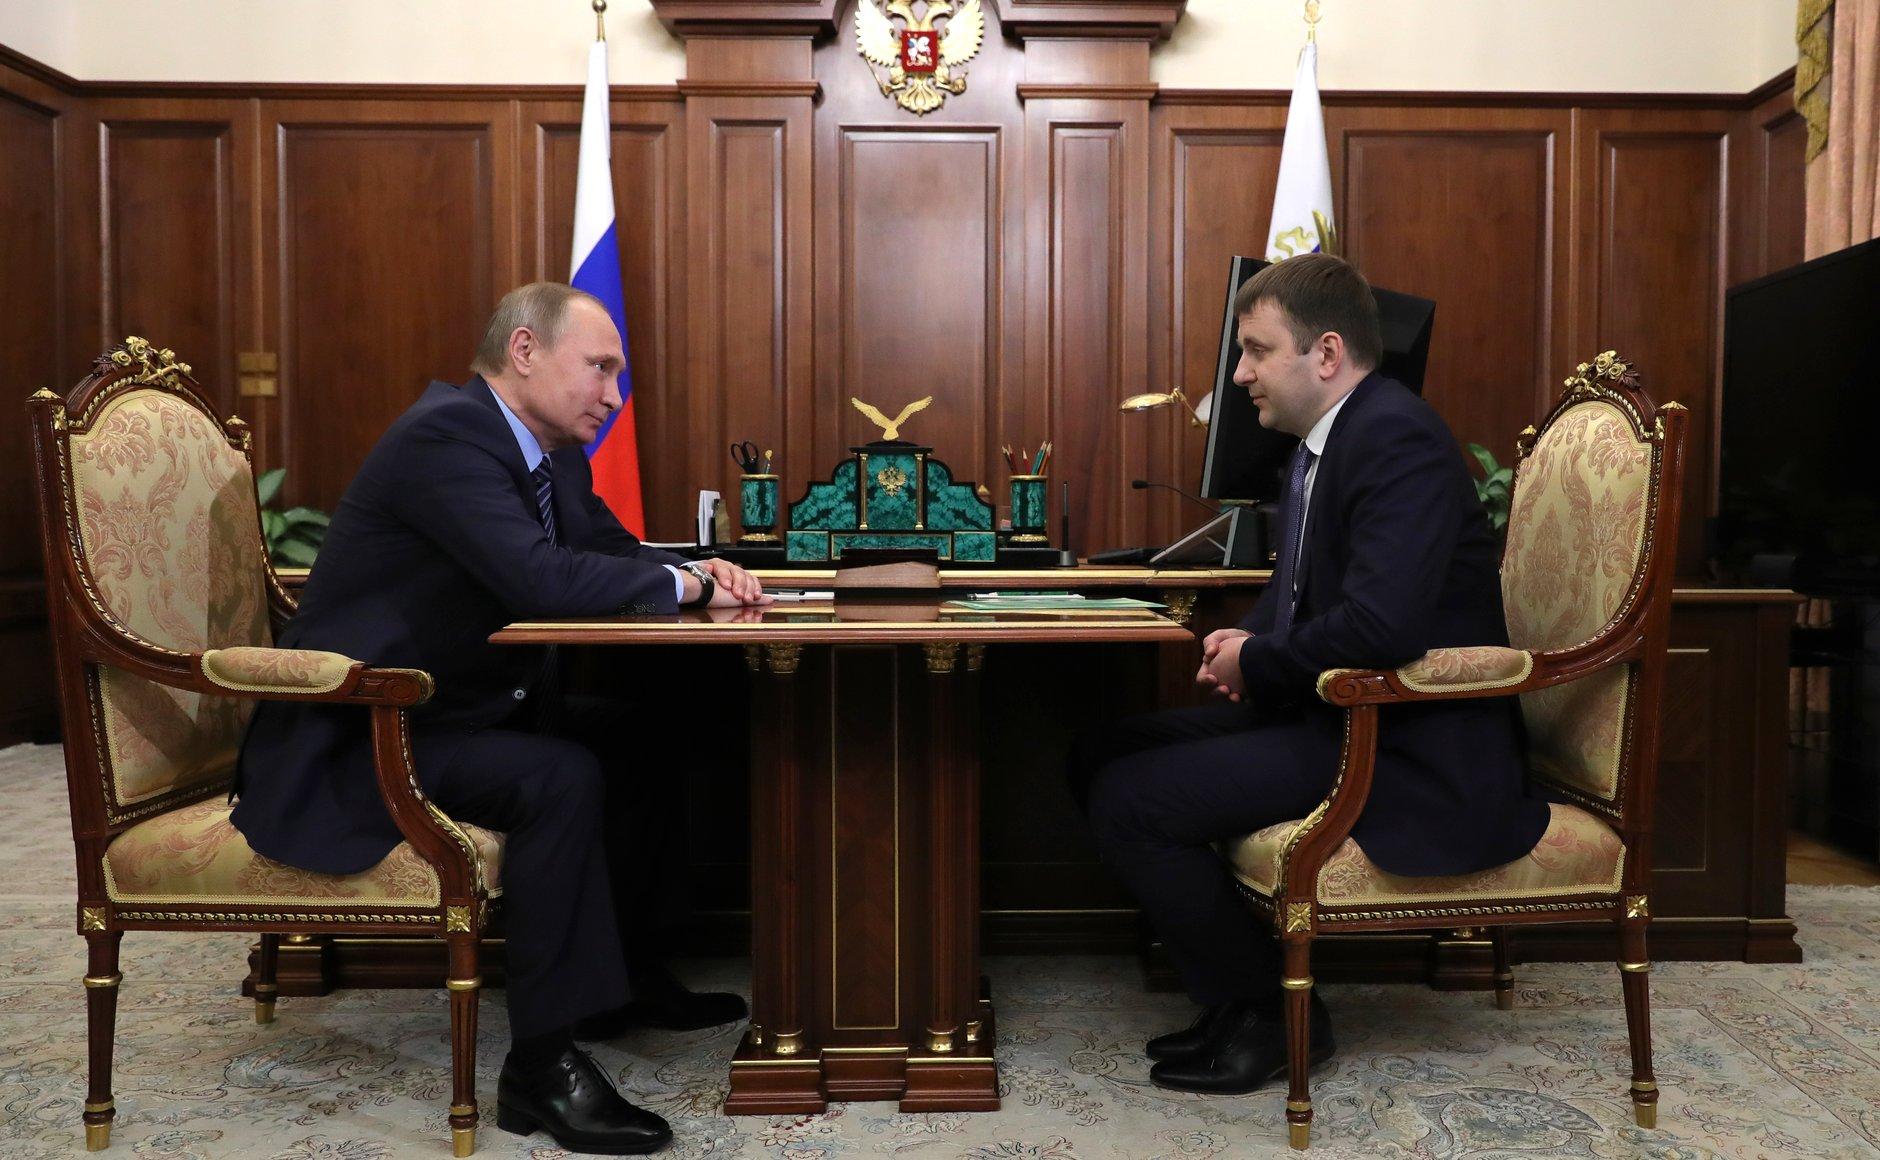 Presiden Rusia Vladimir Putin menunjuk ekonom muda Maksim Oreshkin sebagai Menteri Ekonomi Pembangunan baru Rusia.